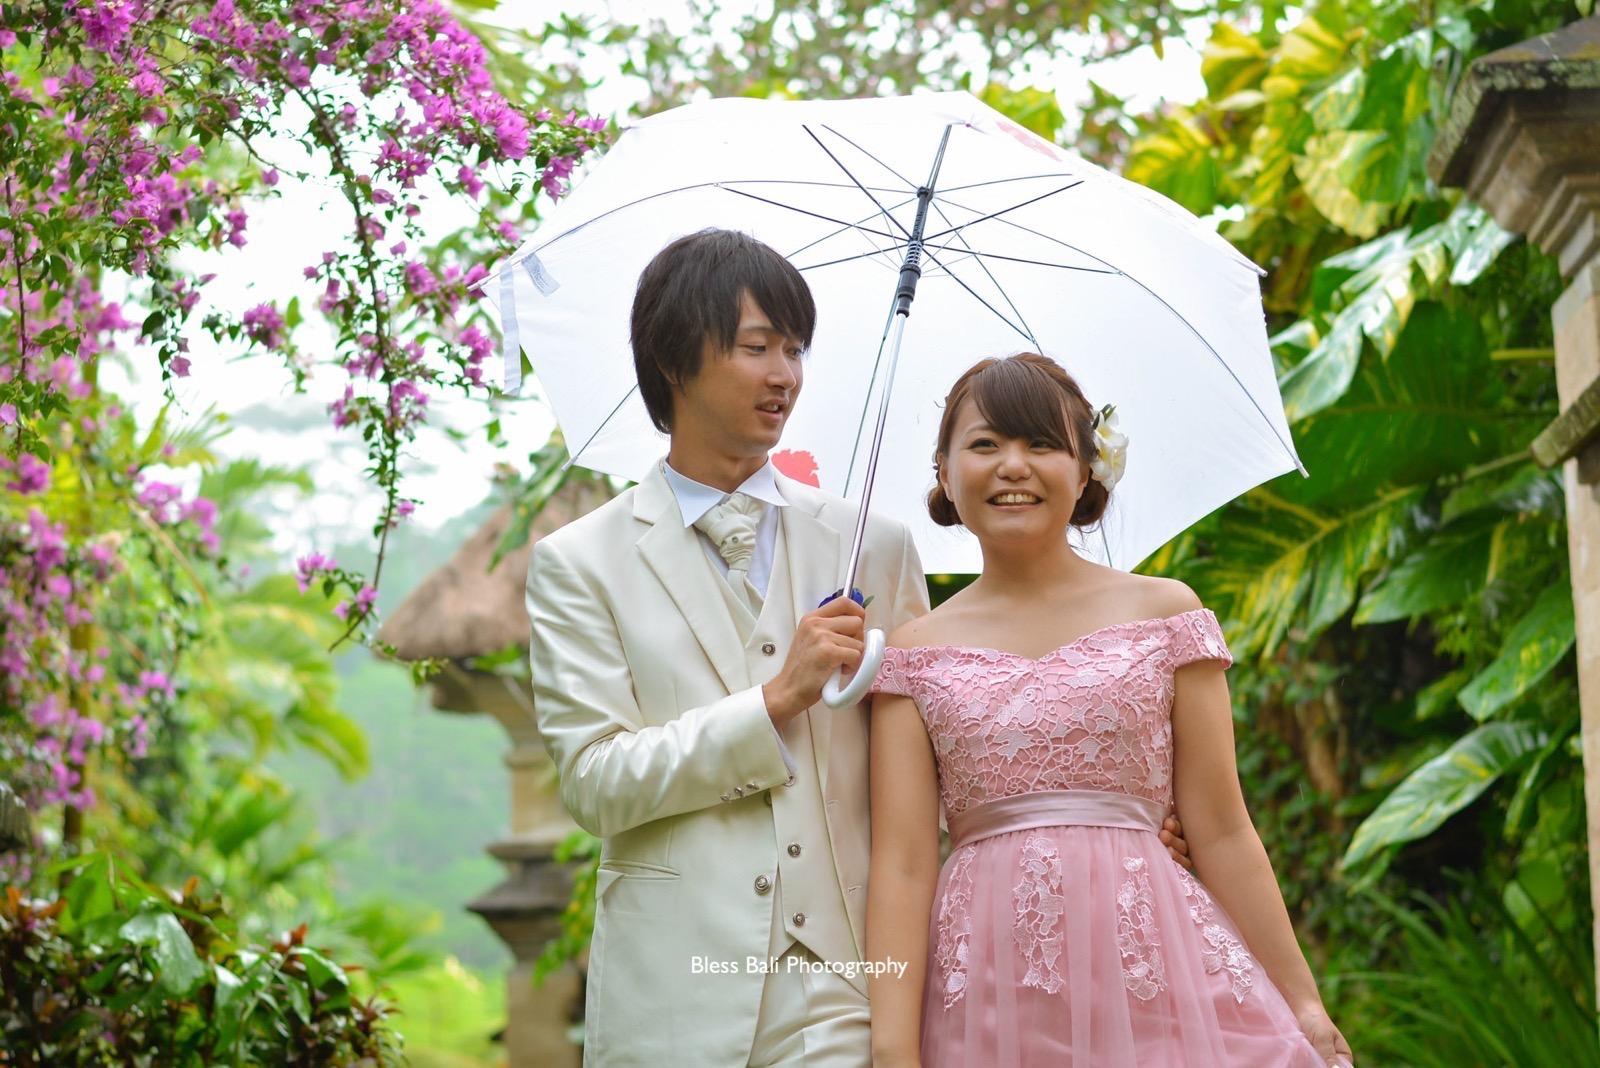 傘と一緒に撮影